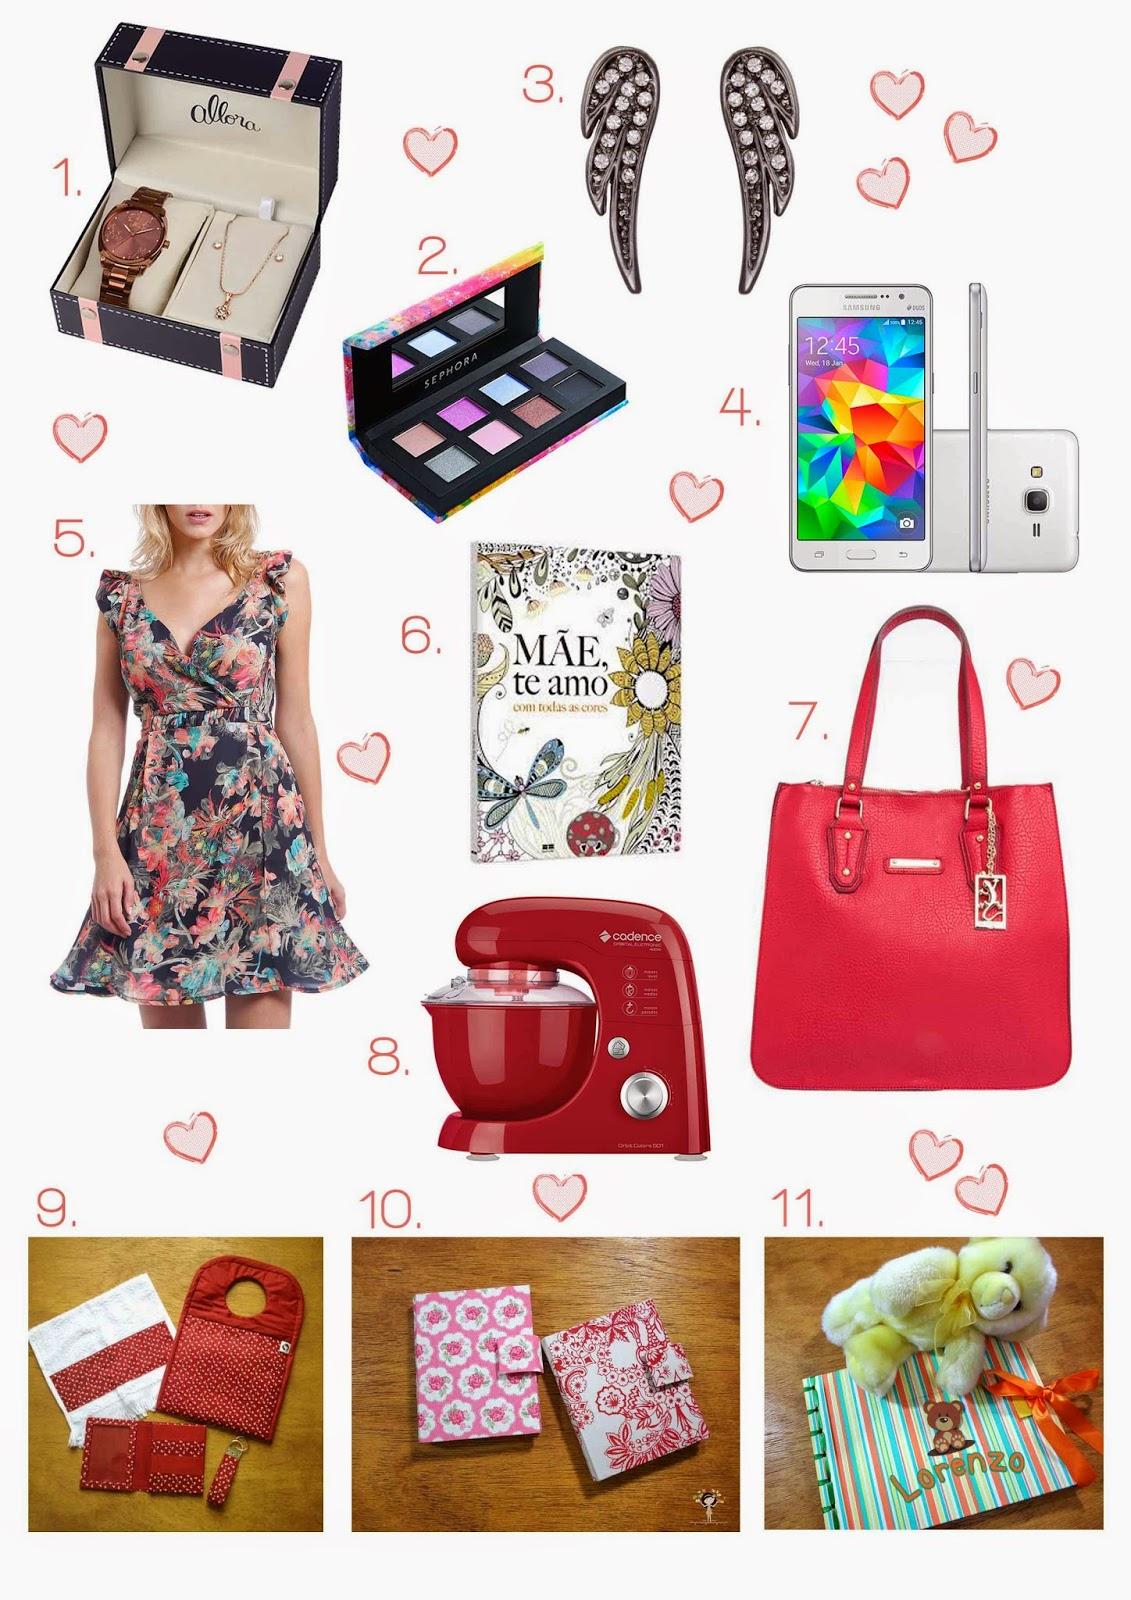 11 ideia de presentes para o Dia das Mães